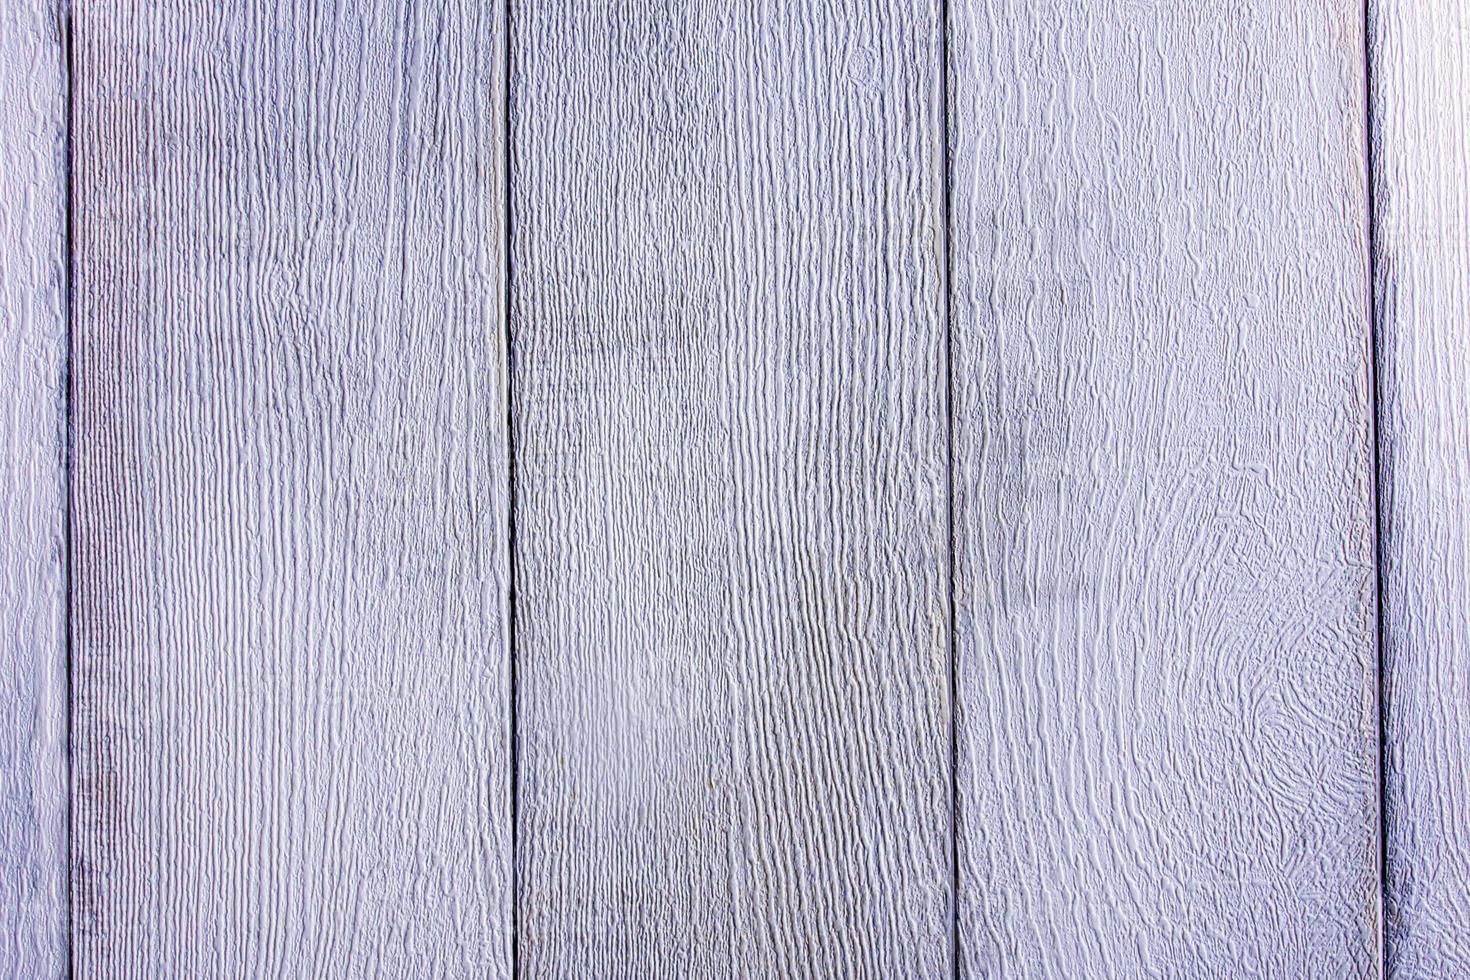 textura da superfície da parede de madeira artificial feita de material substituto foto